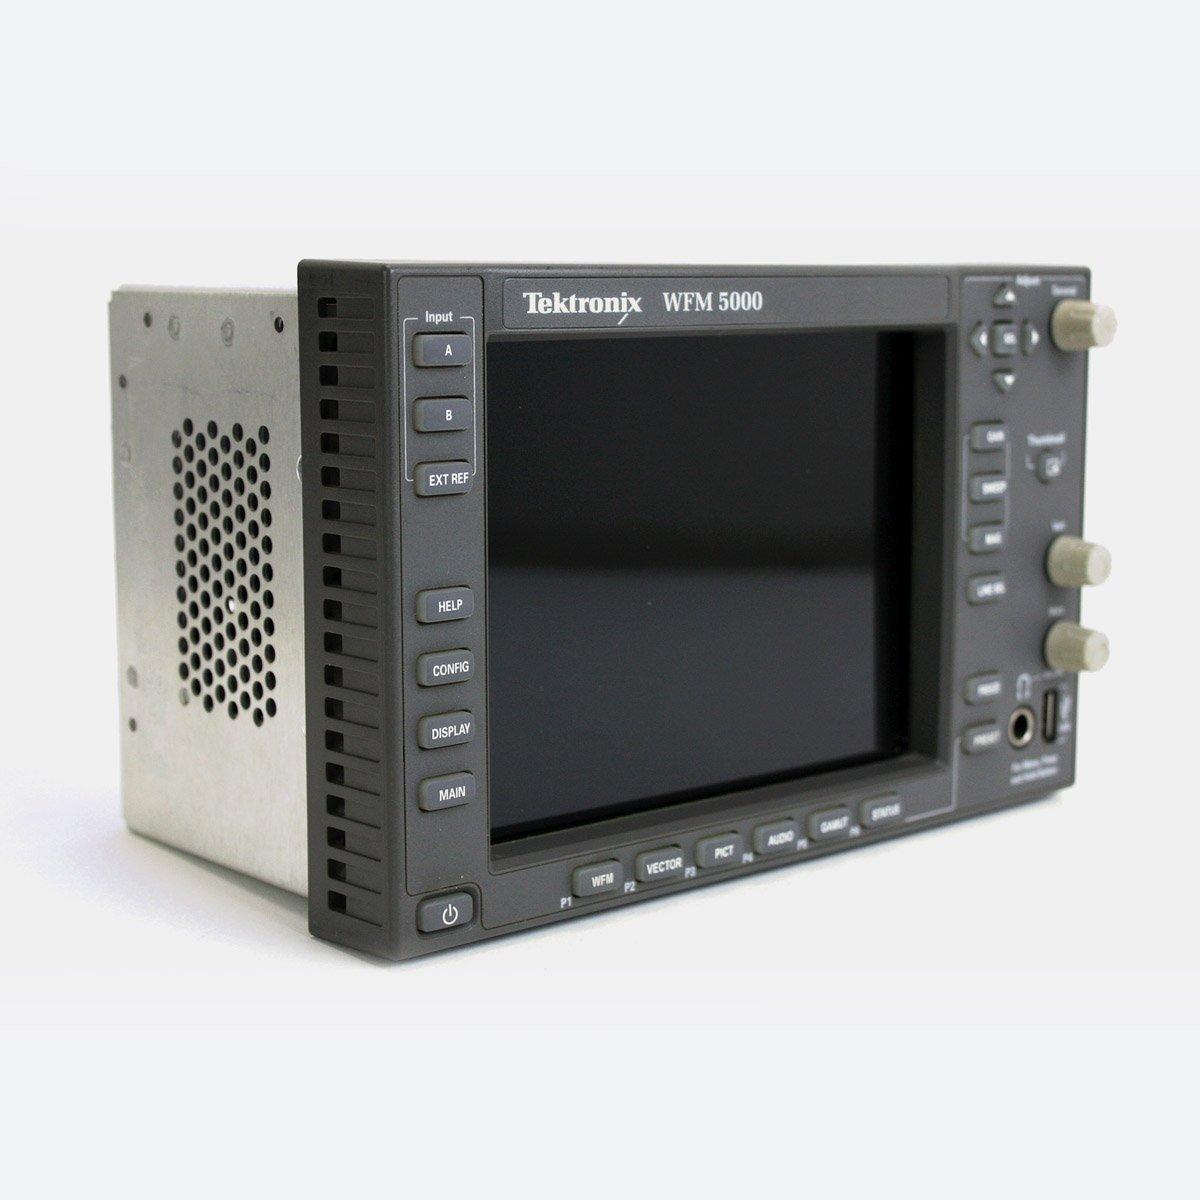 Tektronix WFM-5000